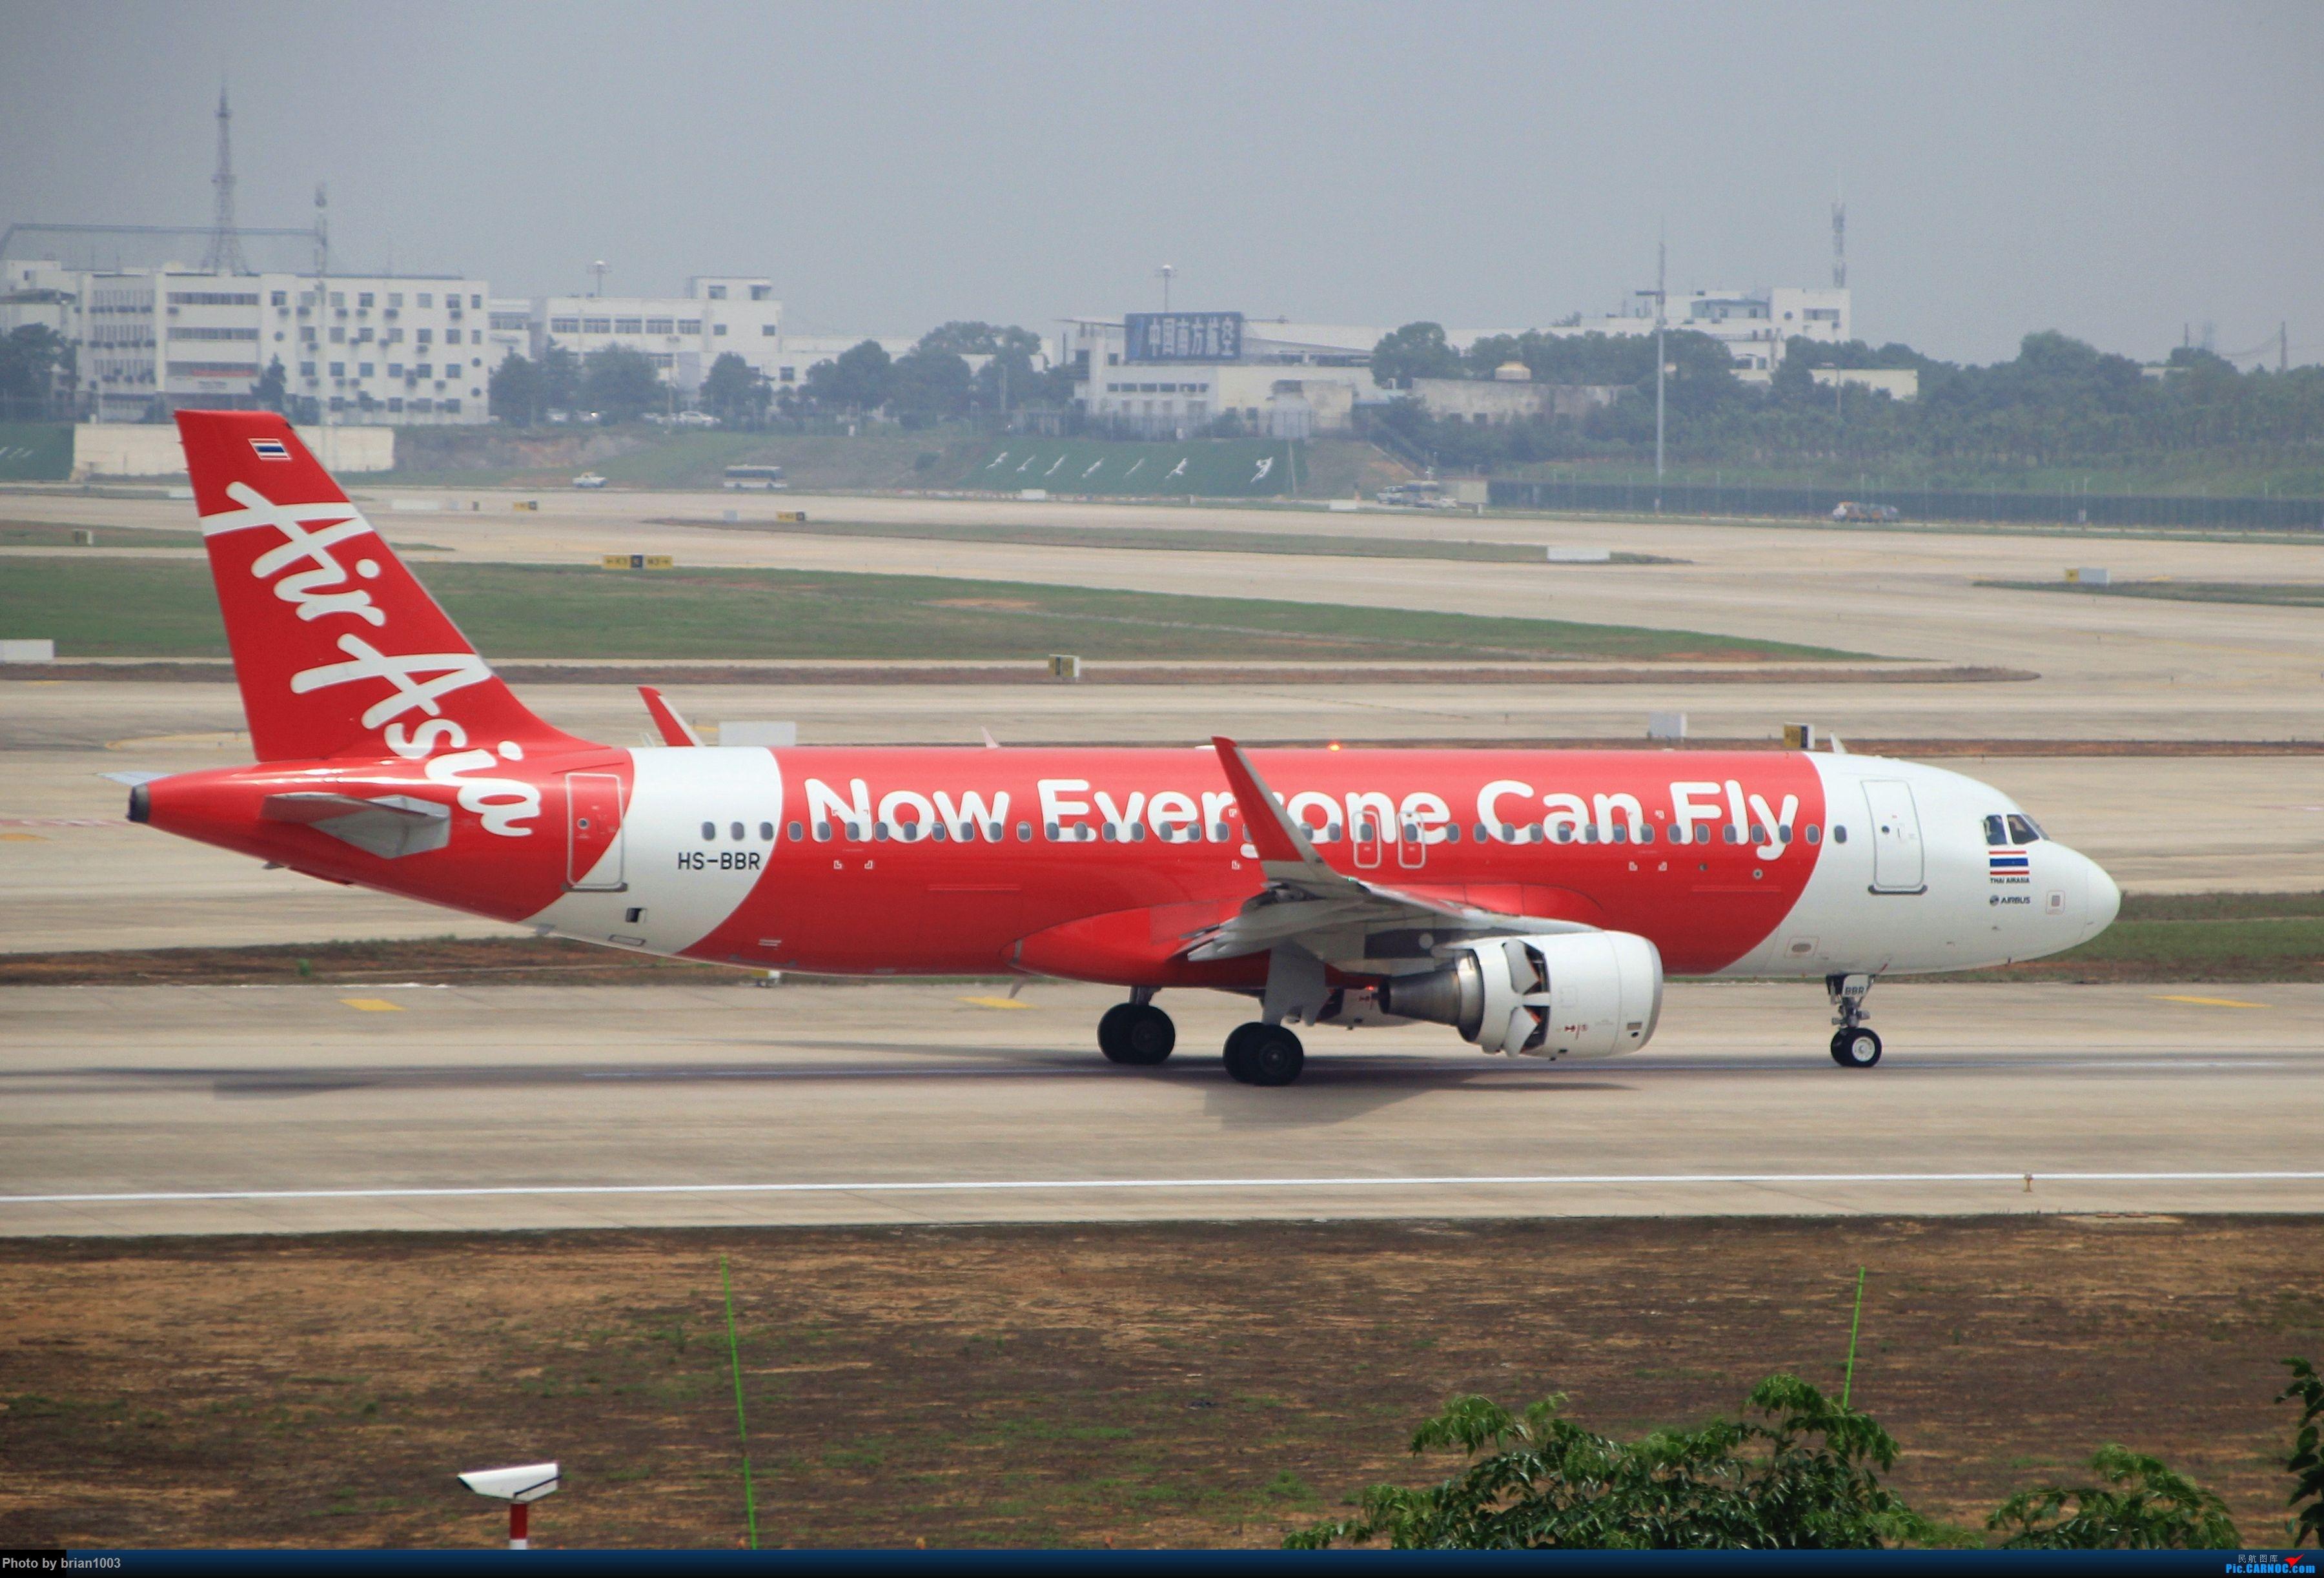 [原创]WUH武汉天河机场拍机之二跑最后忙碌时 AIRBUS A320 HS-BBR 中国武汉天河国际机场